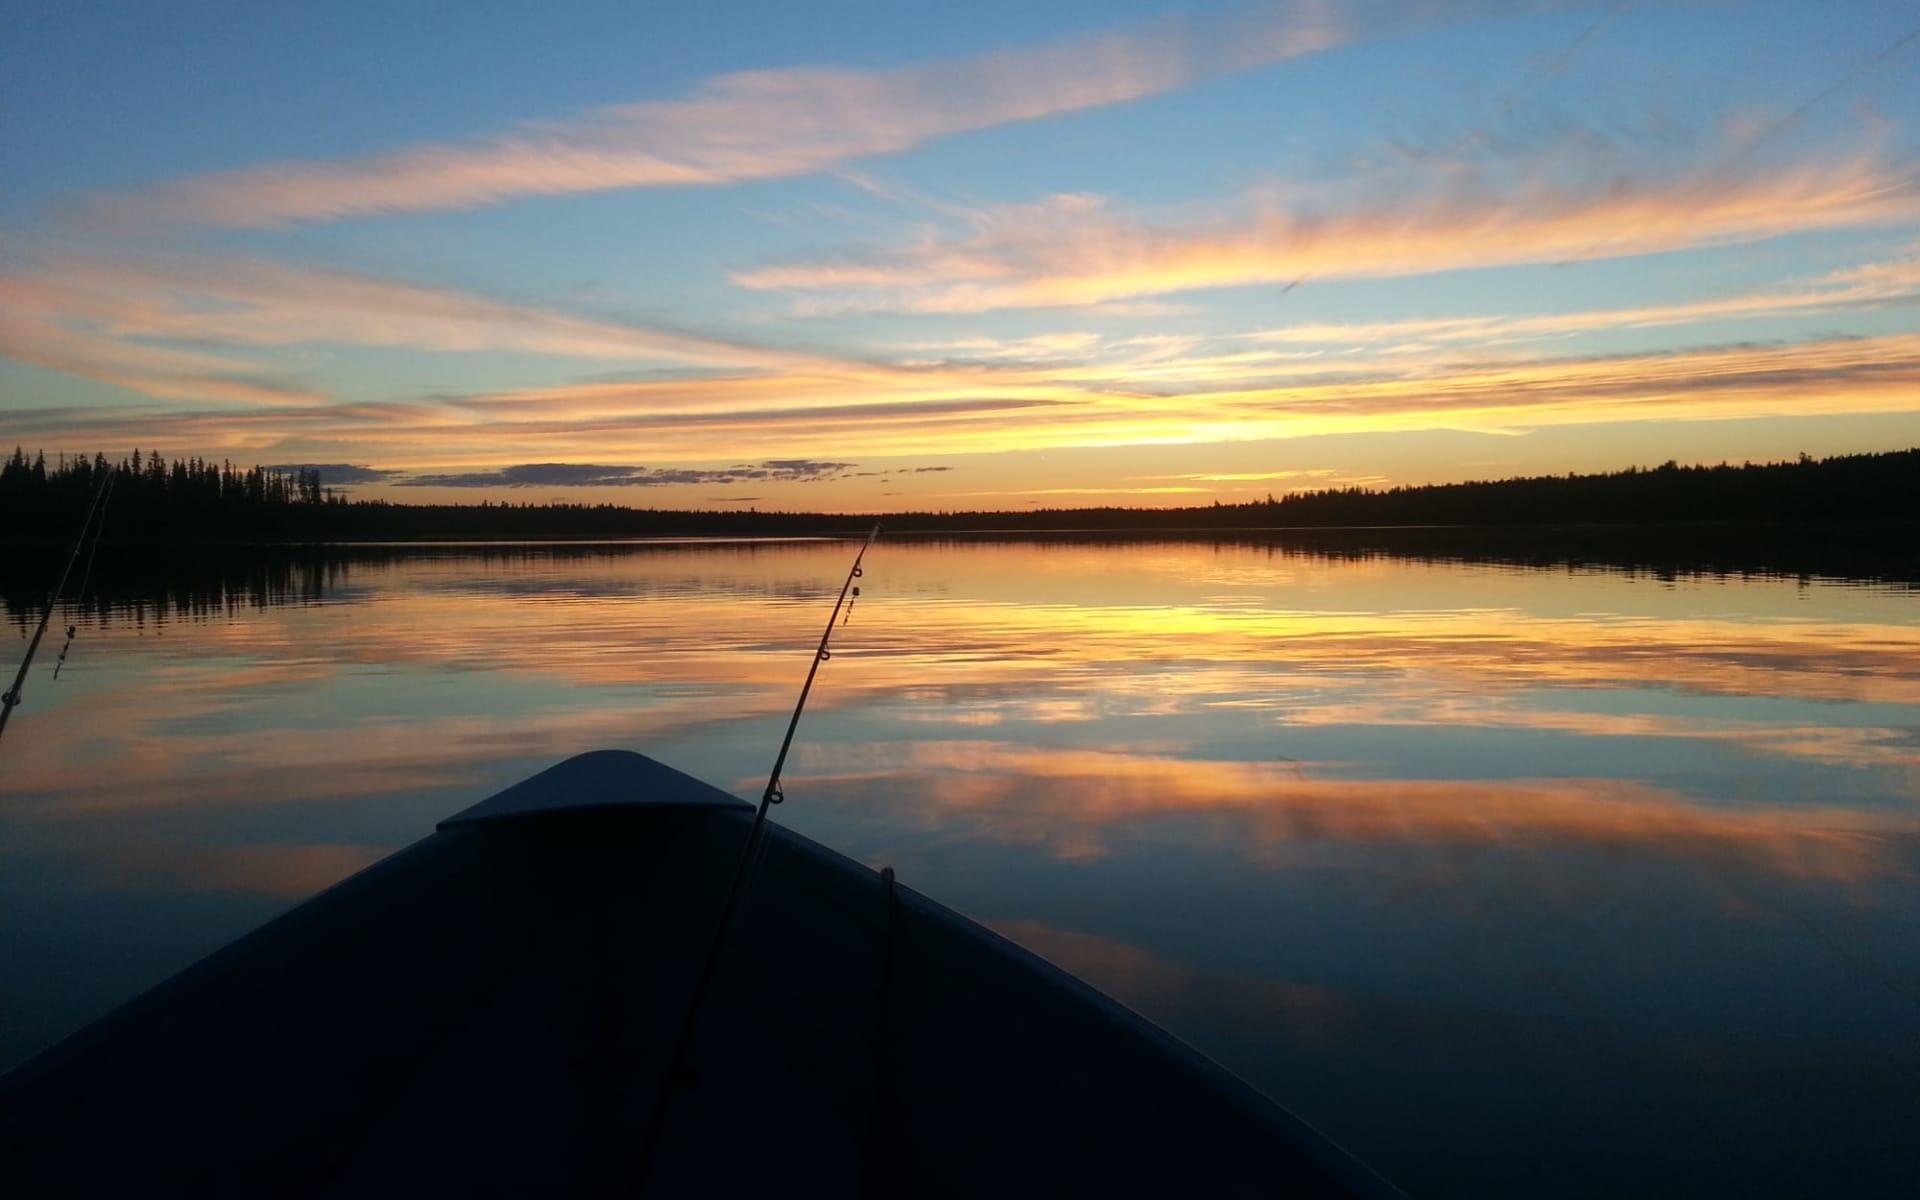 Ten-ee-ah Wilderness Lodge in Lac La Hache:  Ten-ee-ahLodge_Canoeing